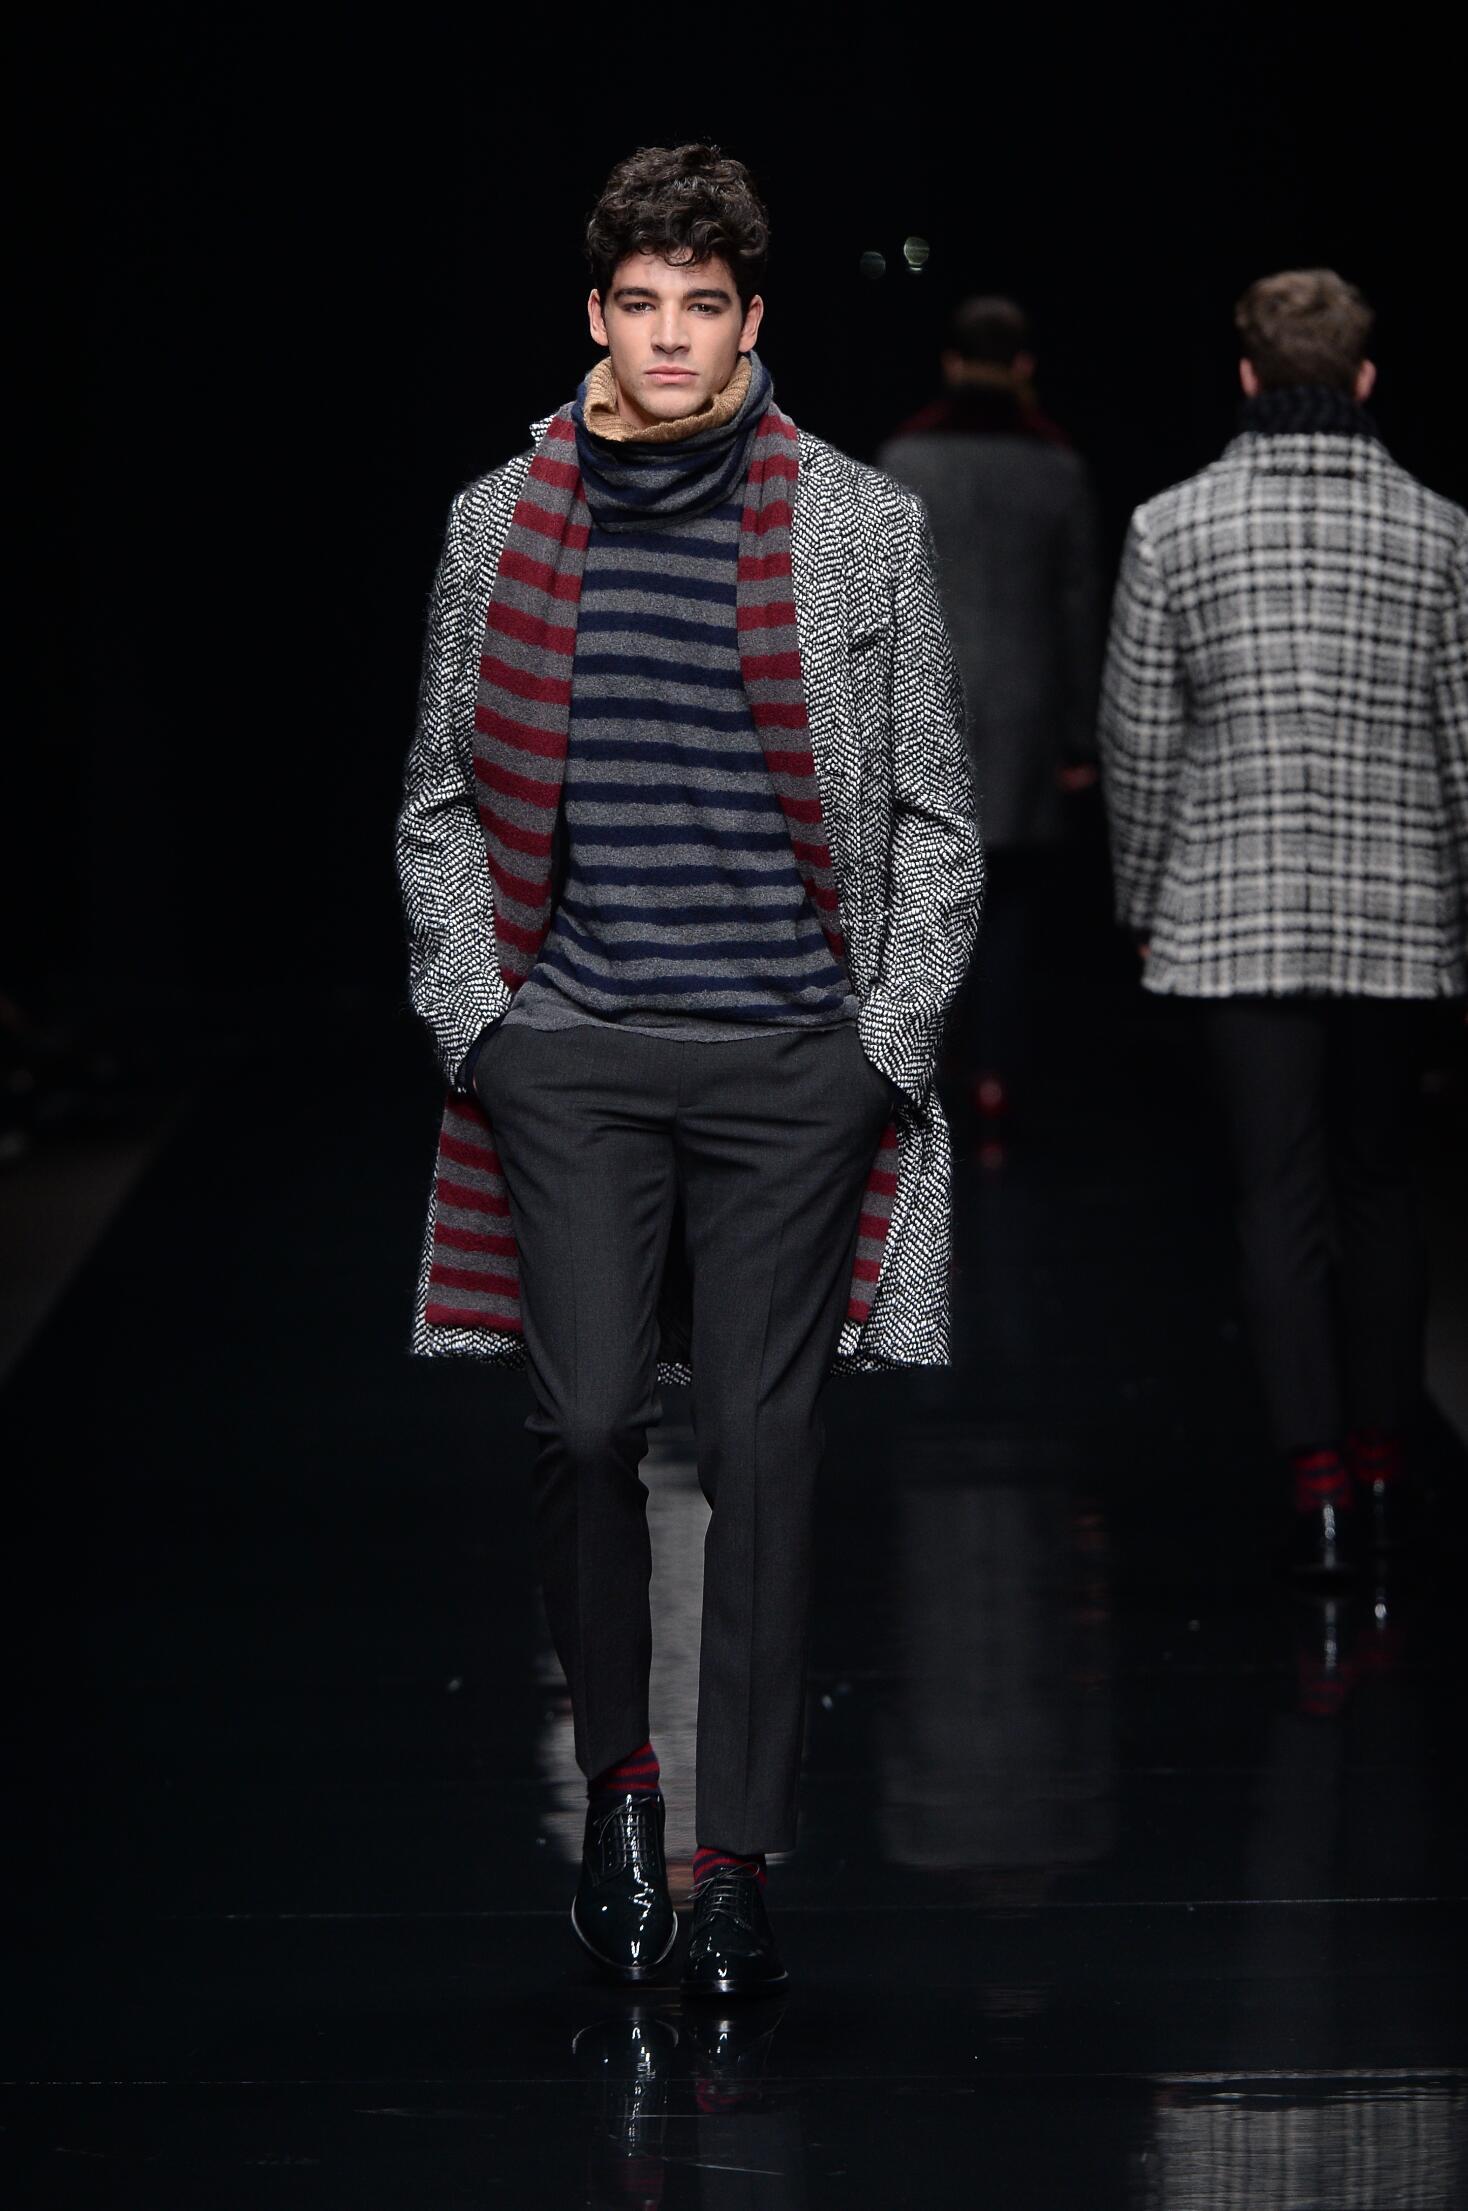 7598cc1f789 Fall Winter 2015 16 Fashion Collection Ermanno Scervino